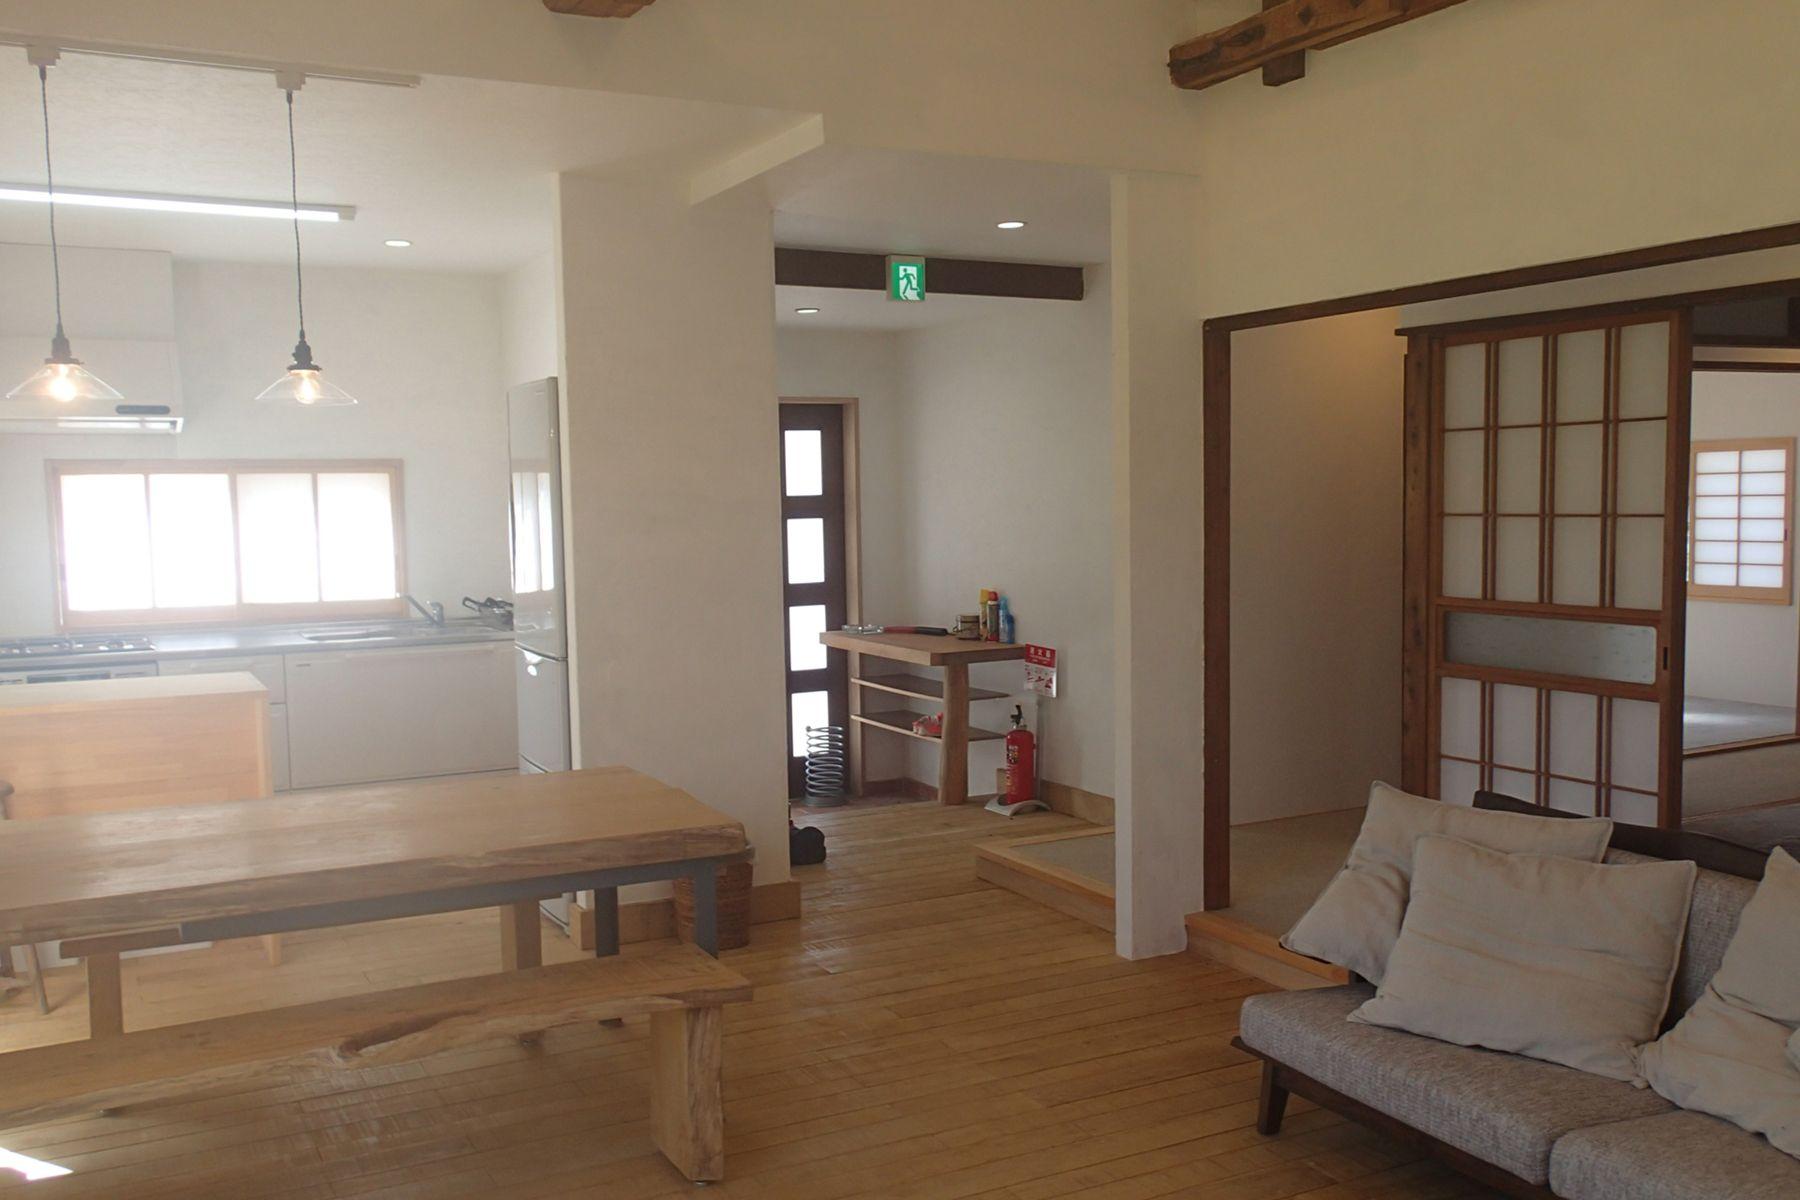 グリーンゲーブル富士ヶ嶺 (グリーンゲーブルフジガネ)室内 リビングから玄関